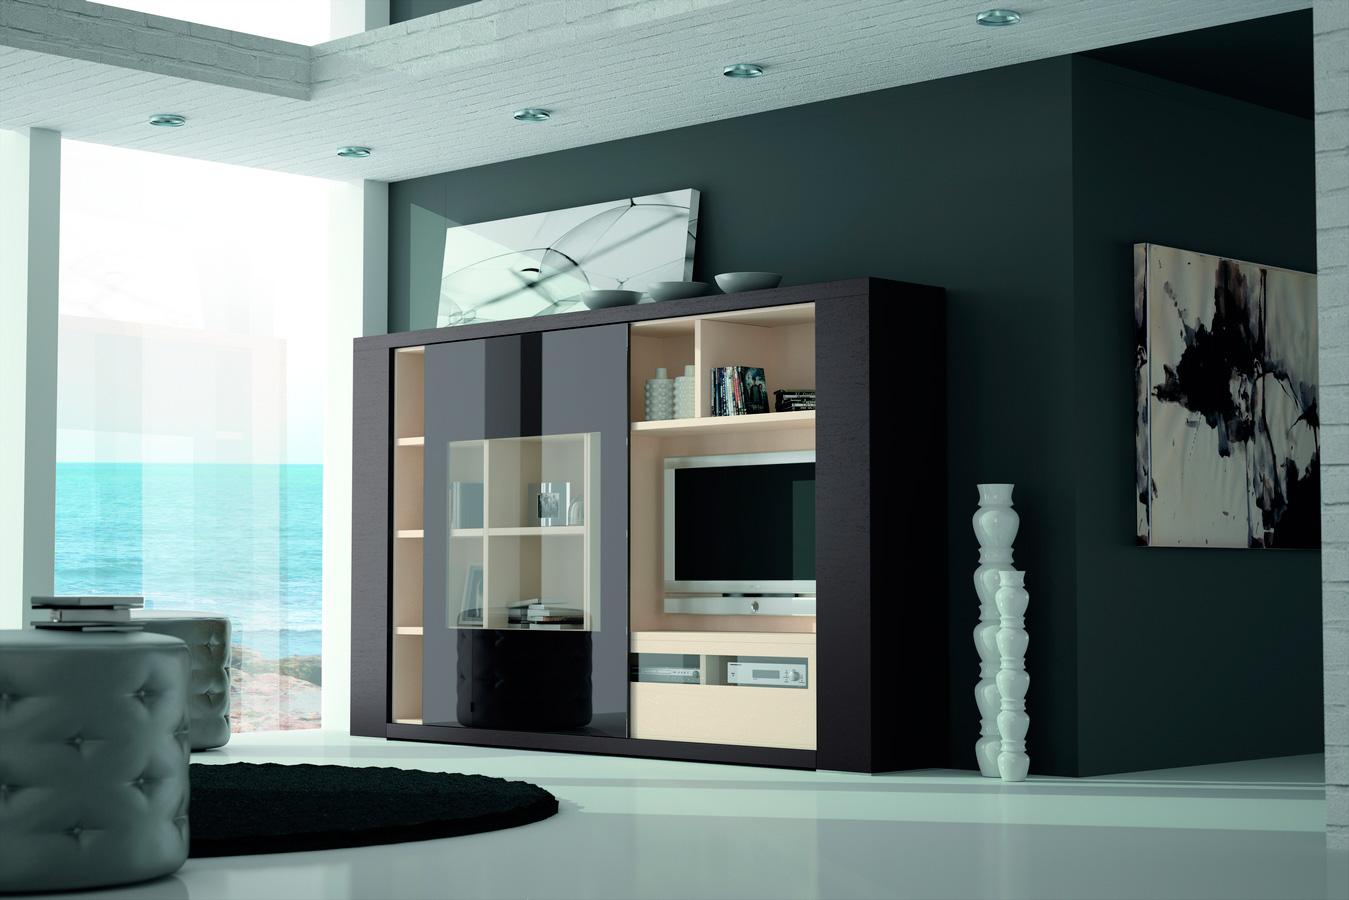 Mueble de sal n compacto exclusive de lujo en - Portobello street muebles ...